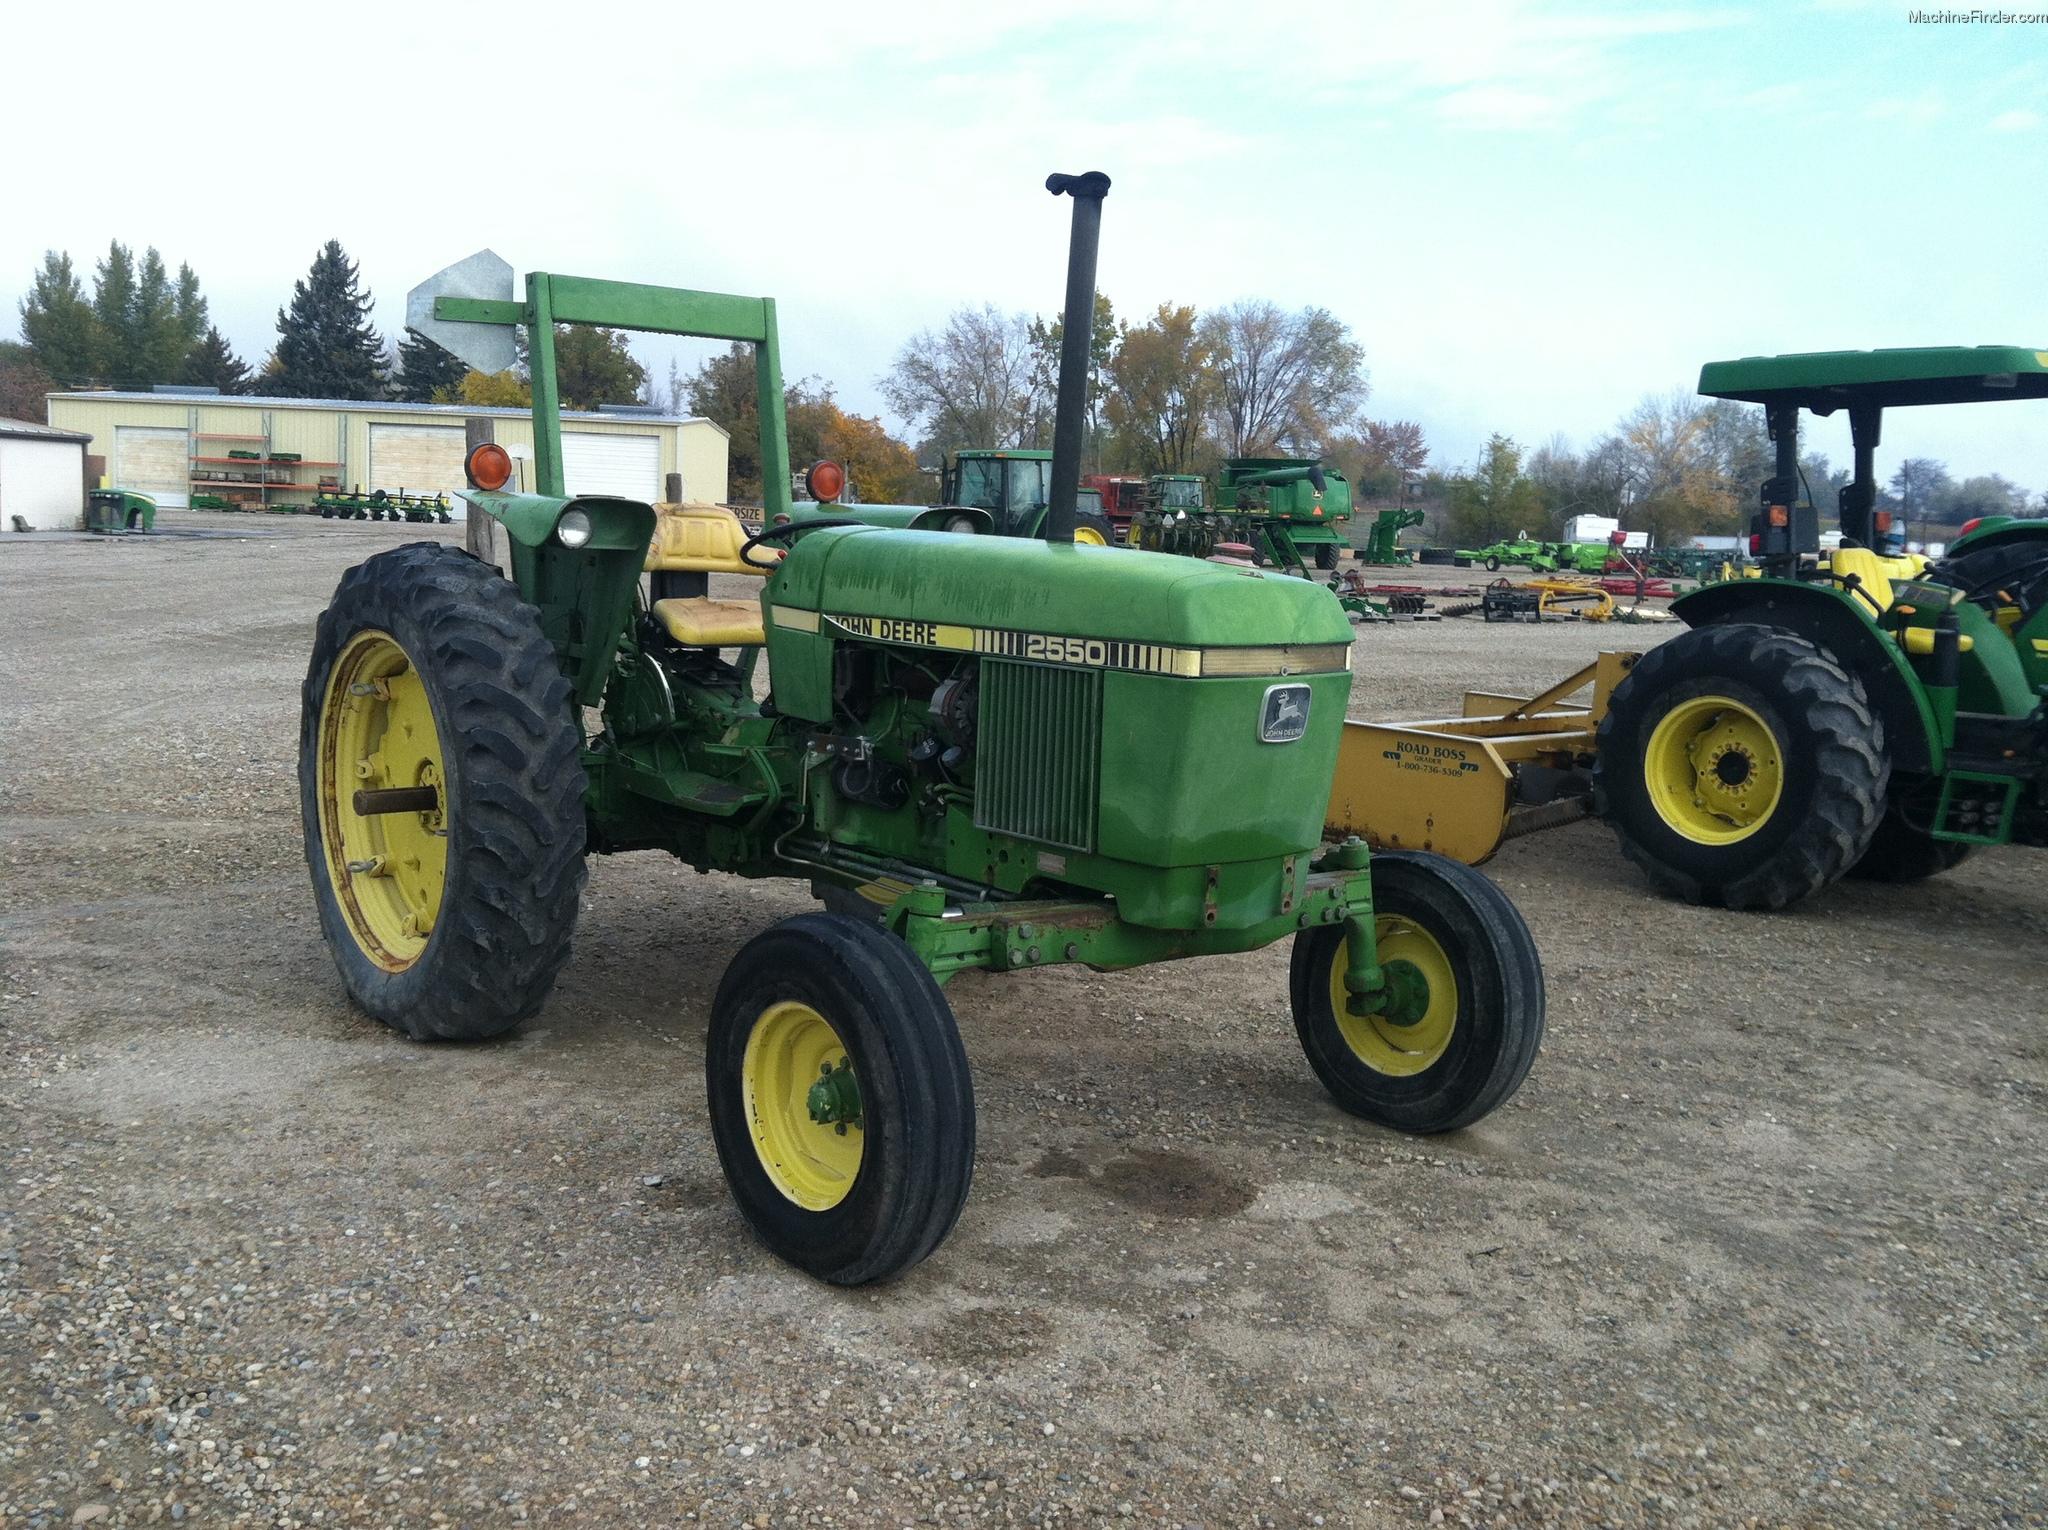 John Deere 2550 Tractors - Row Crop (+100hp) - John Deere ...